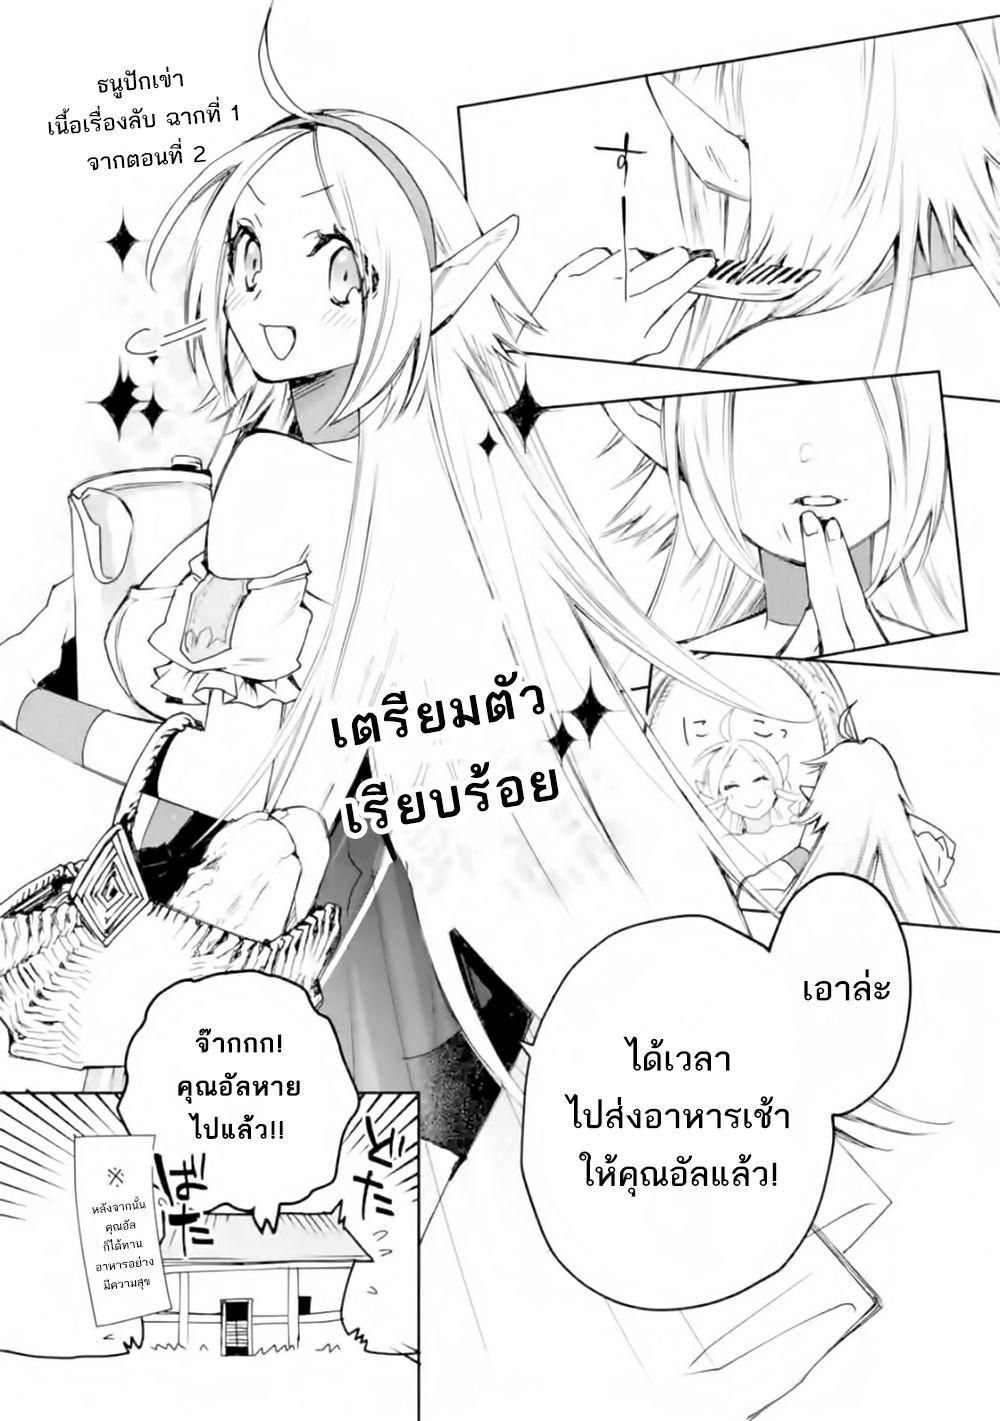 อ่านการ์ตูน Saikyo no mado-shi. Hiza ni ya o ukete shimattanode inaka no eihei ni naru ตอนที่ 2.3 หน้าที่ 16